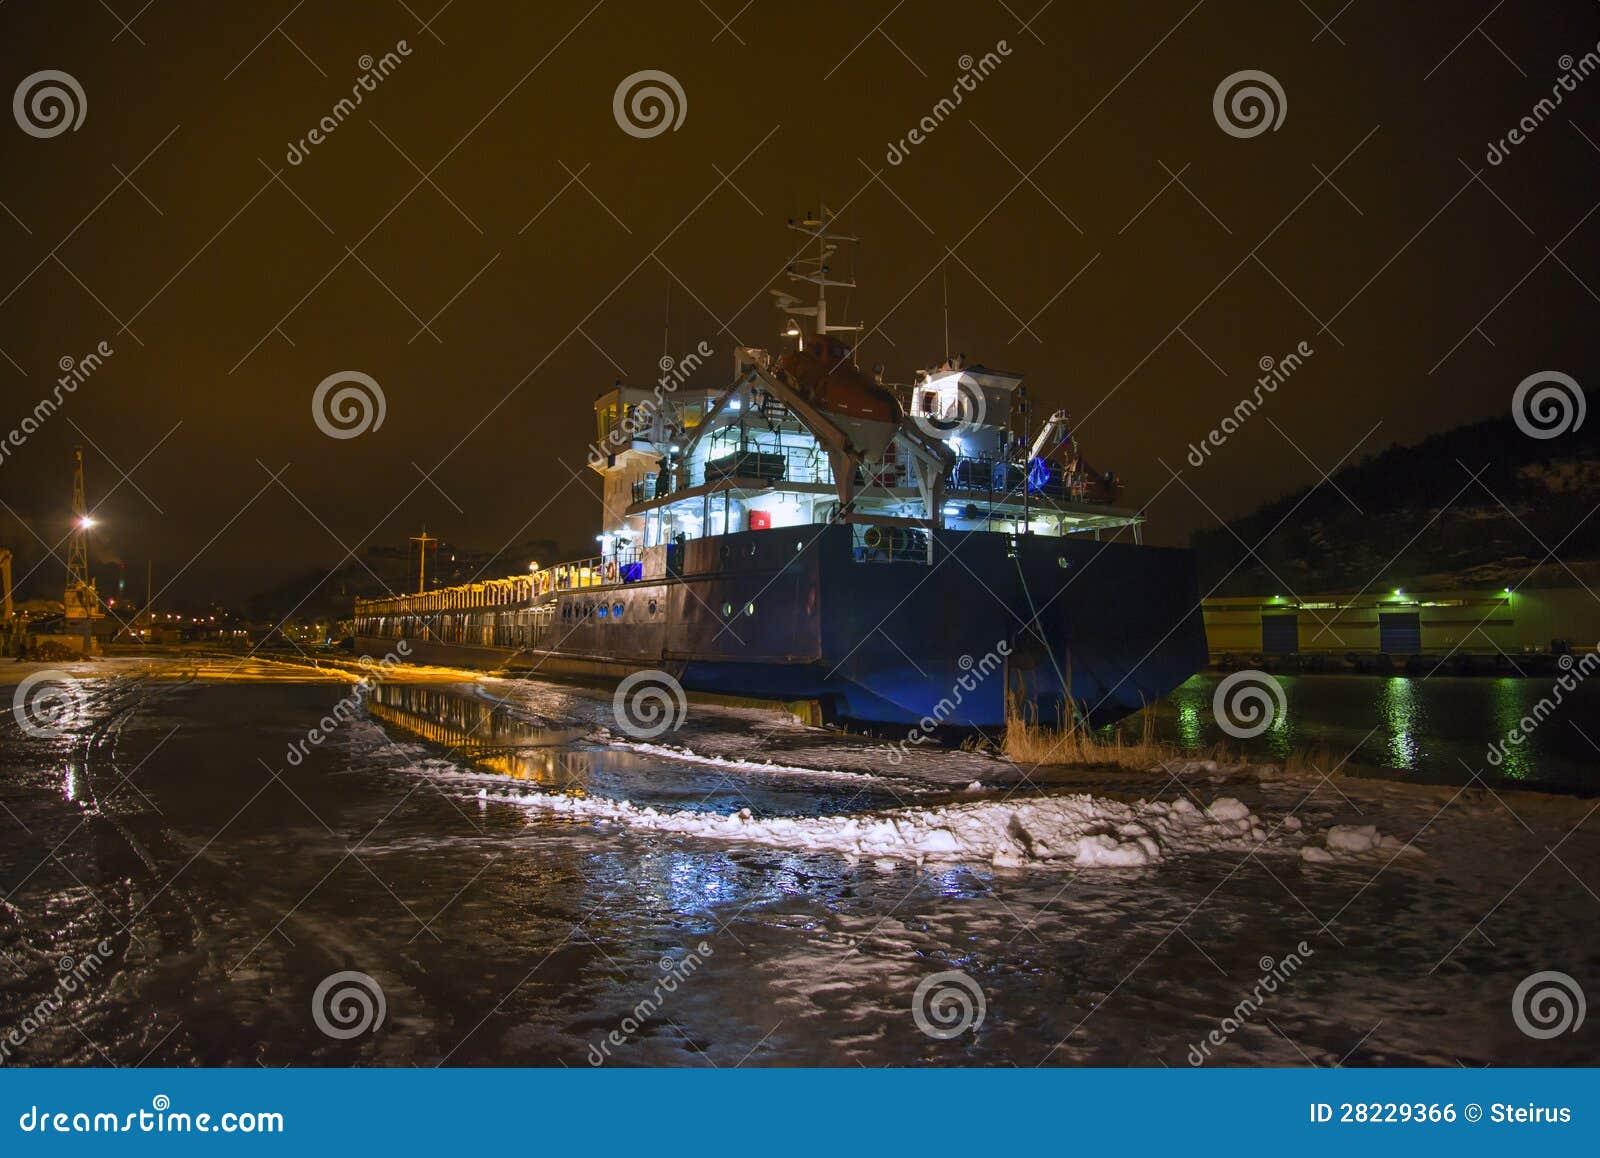 Ρωσικό σκάφος που επισκέπτεται το λιμένα Halden (ξημερώματα)